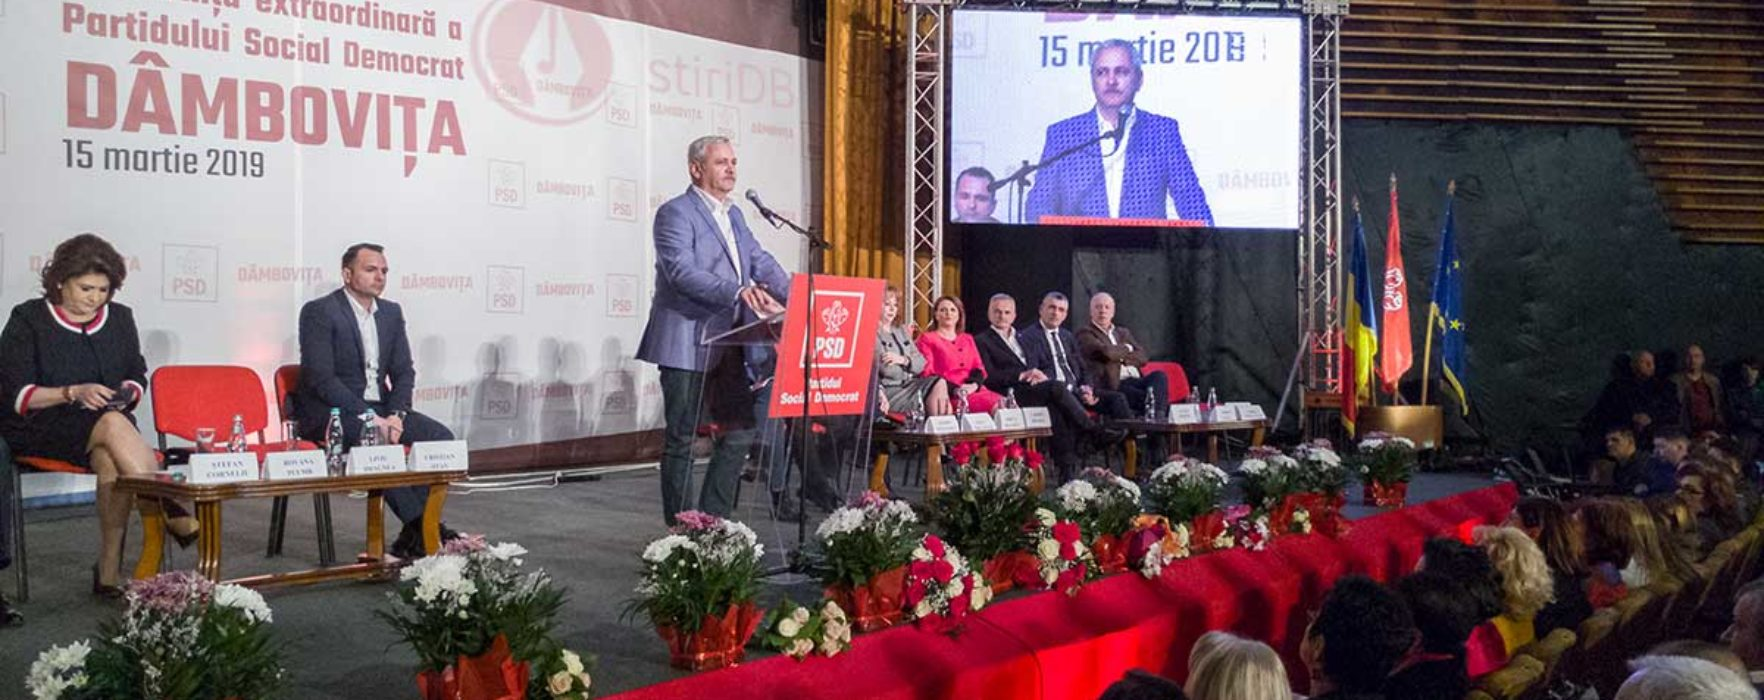 Primarii PSD din Dâmboviţa i-au cerut lui Dragnea să candideze la preşedinţia României